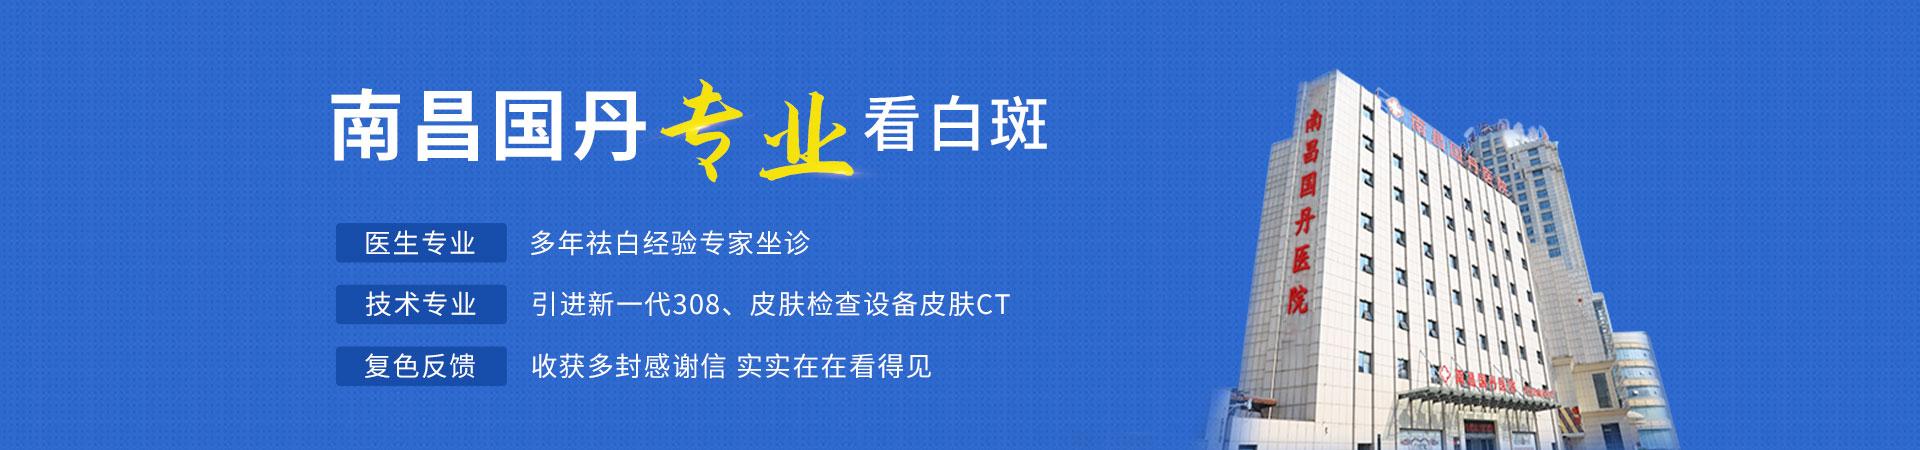 南昌白癜风医院简介